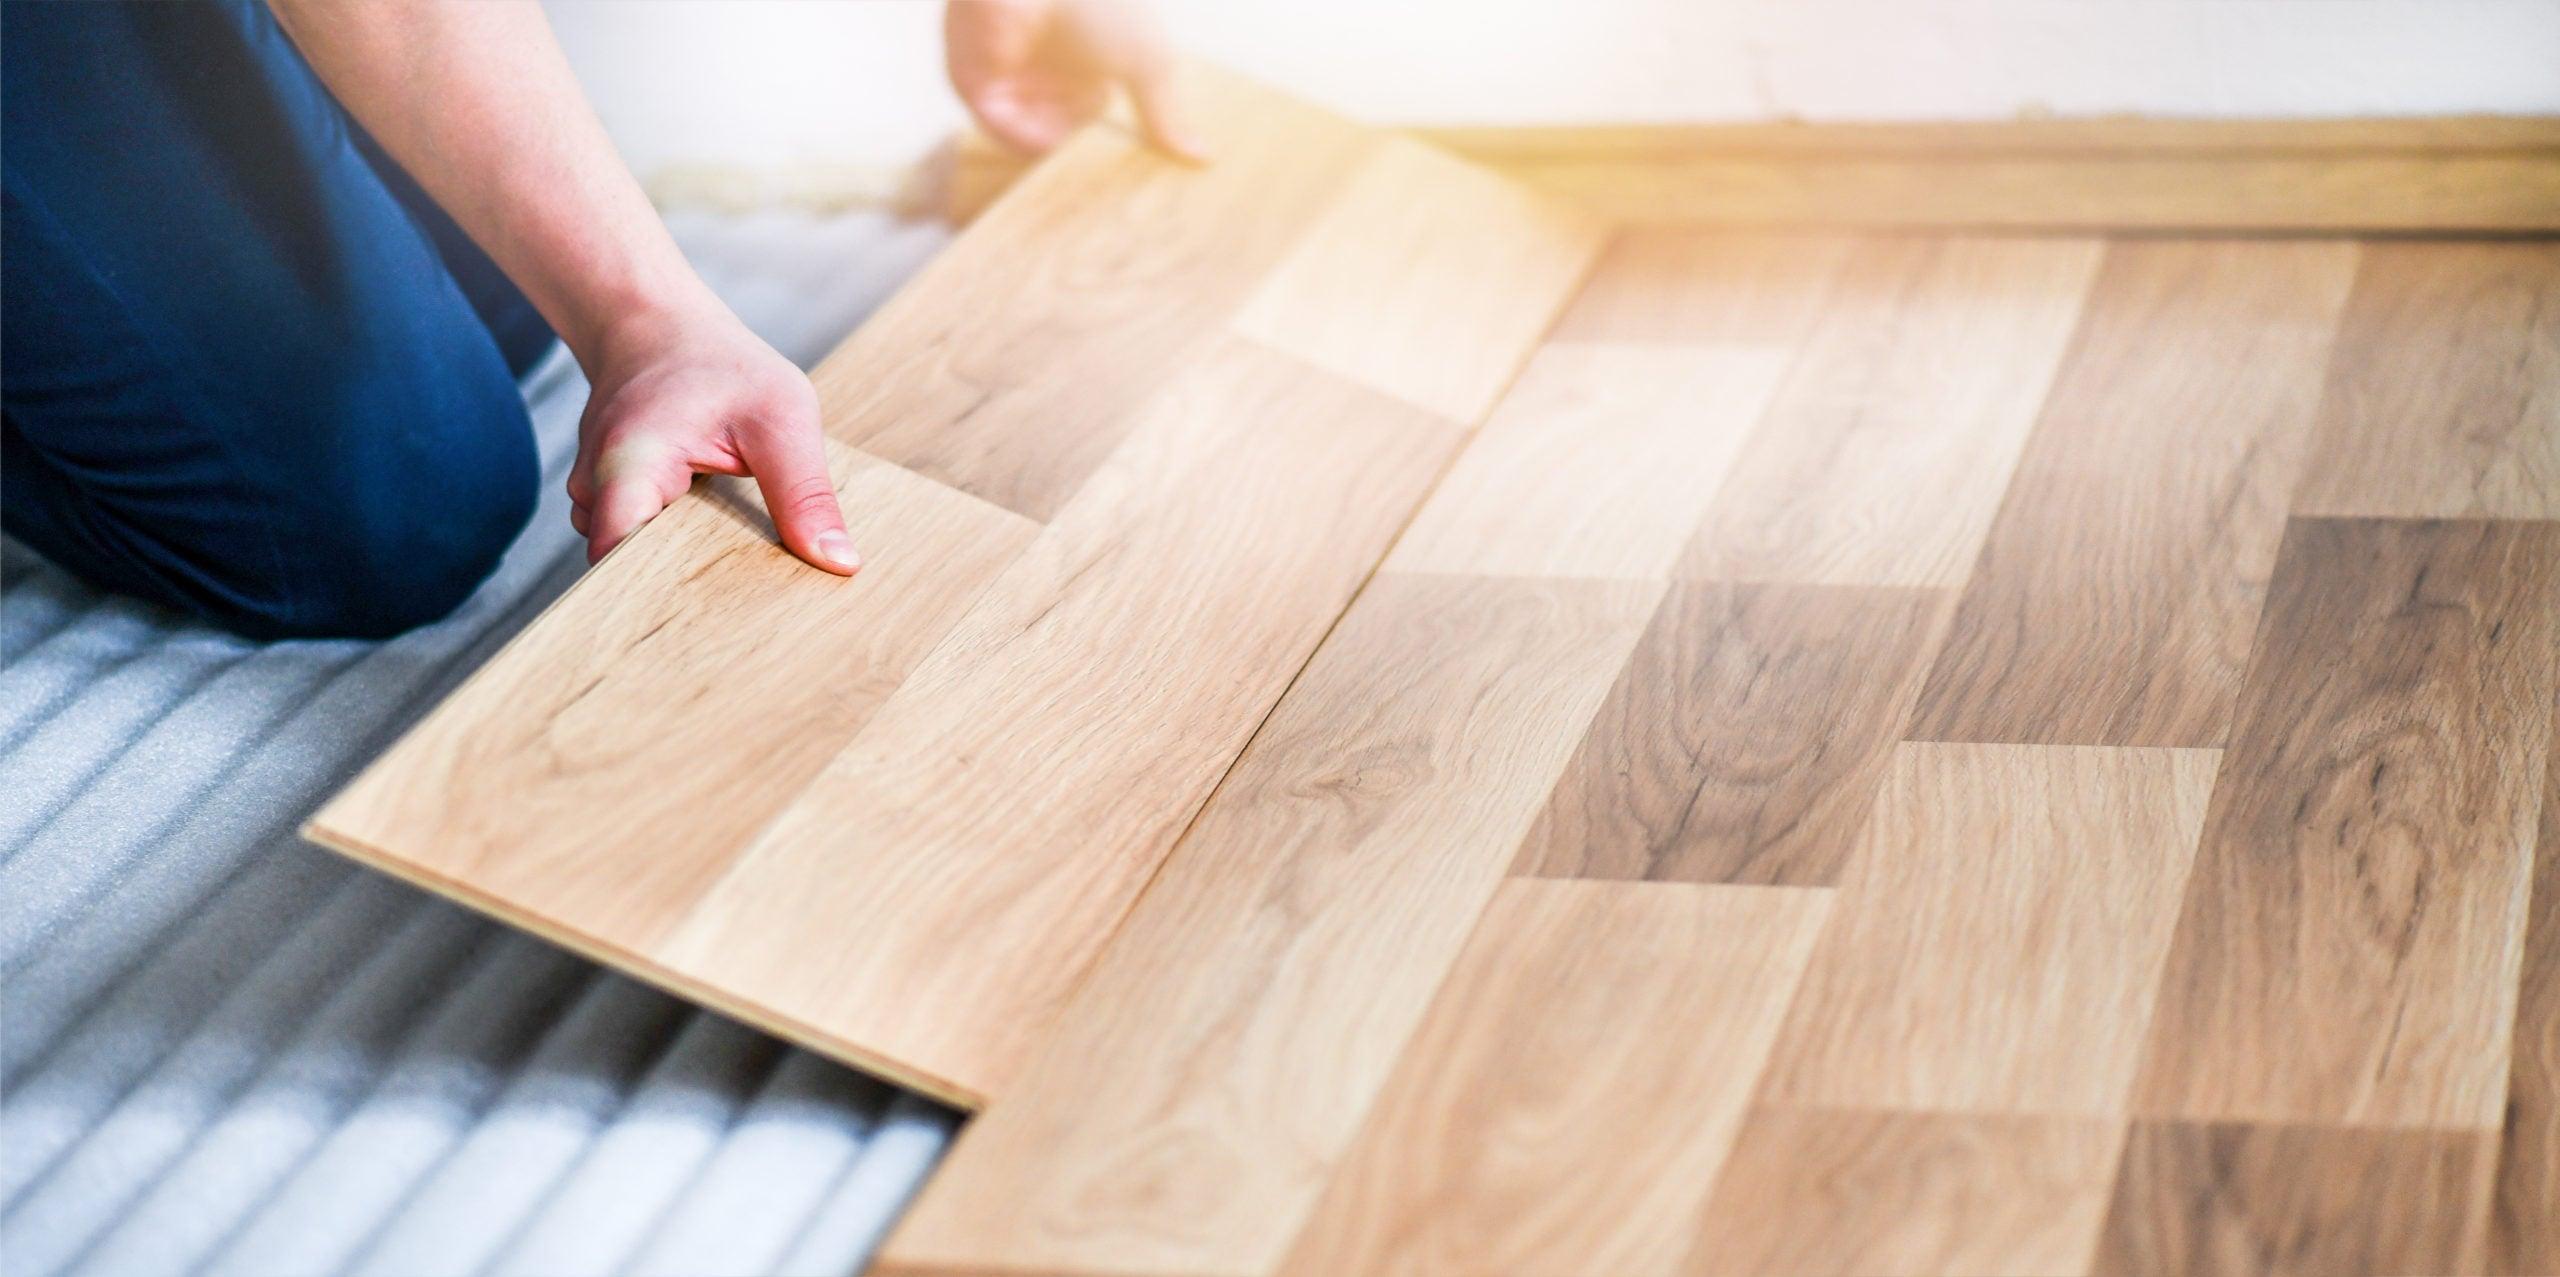 Laminate Flooring Increase Home Value, Value Laminate Flooring